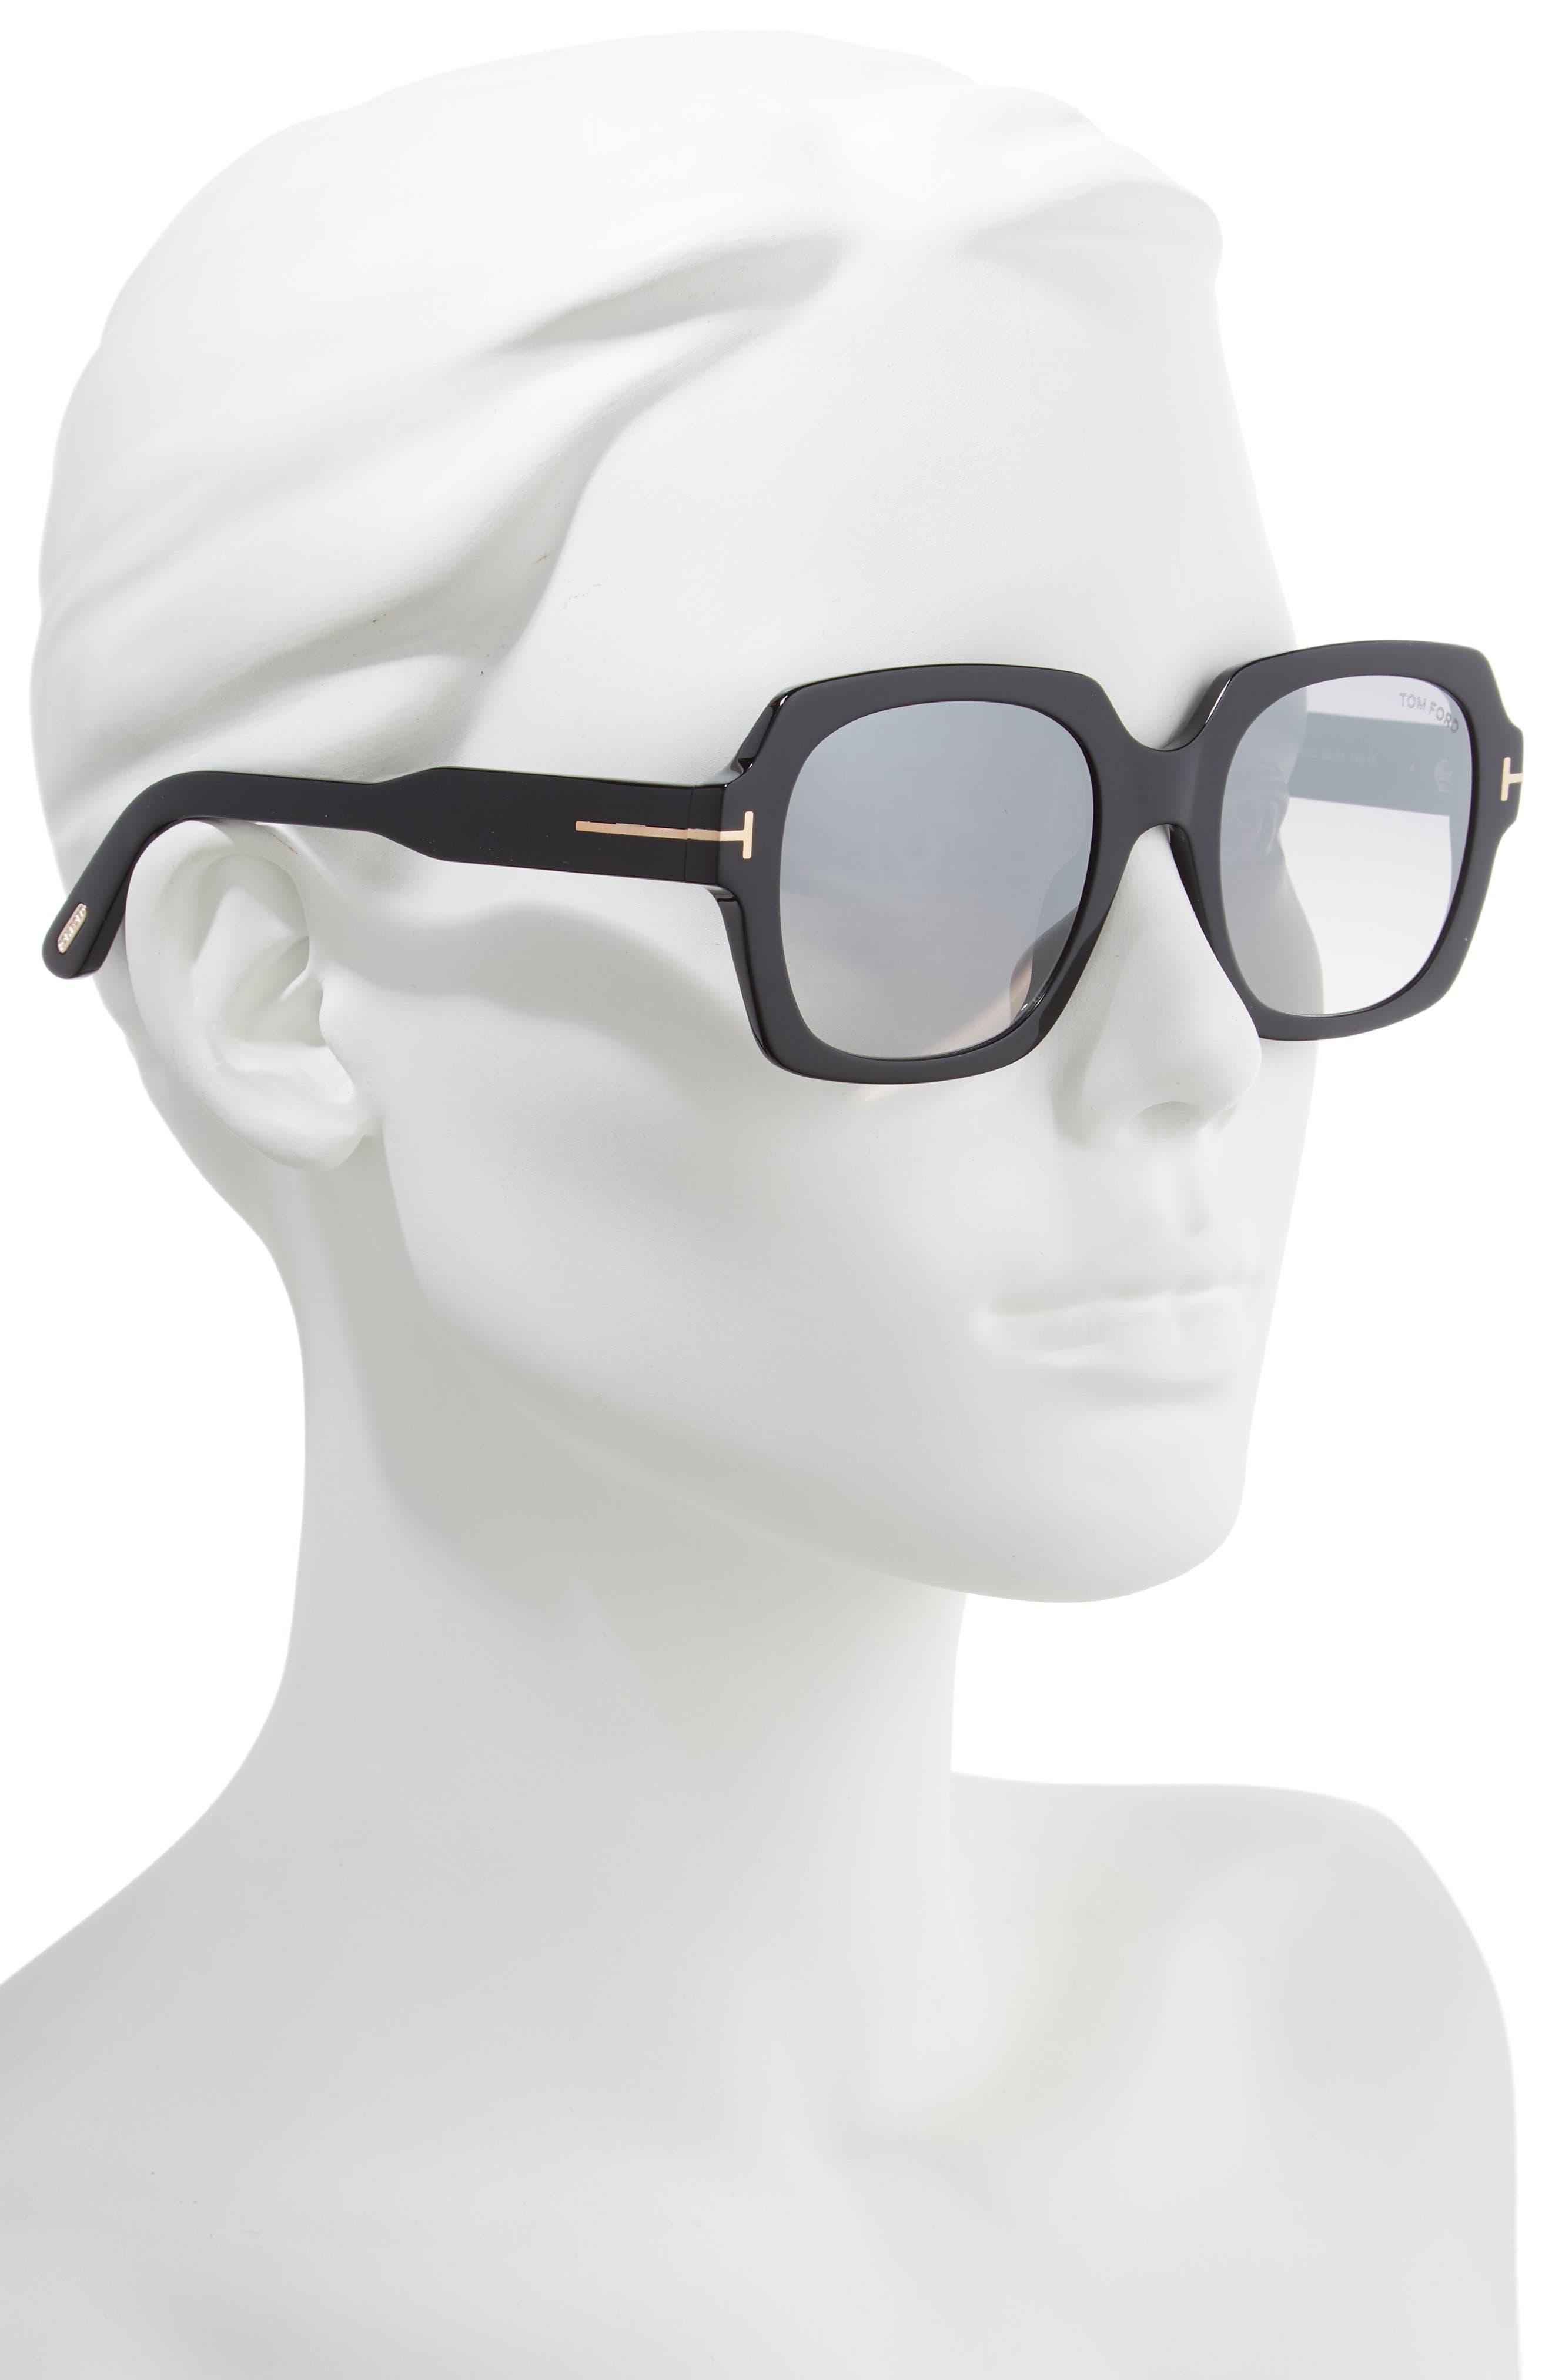 Autumn 53mm Square Sunglasses,                             Alternate thumbnail 2, color,                             BLACK/ SMOKE/ SILVER FLASH